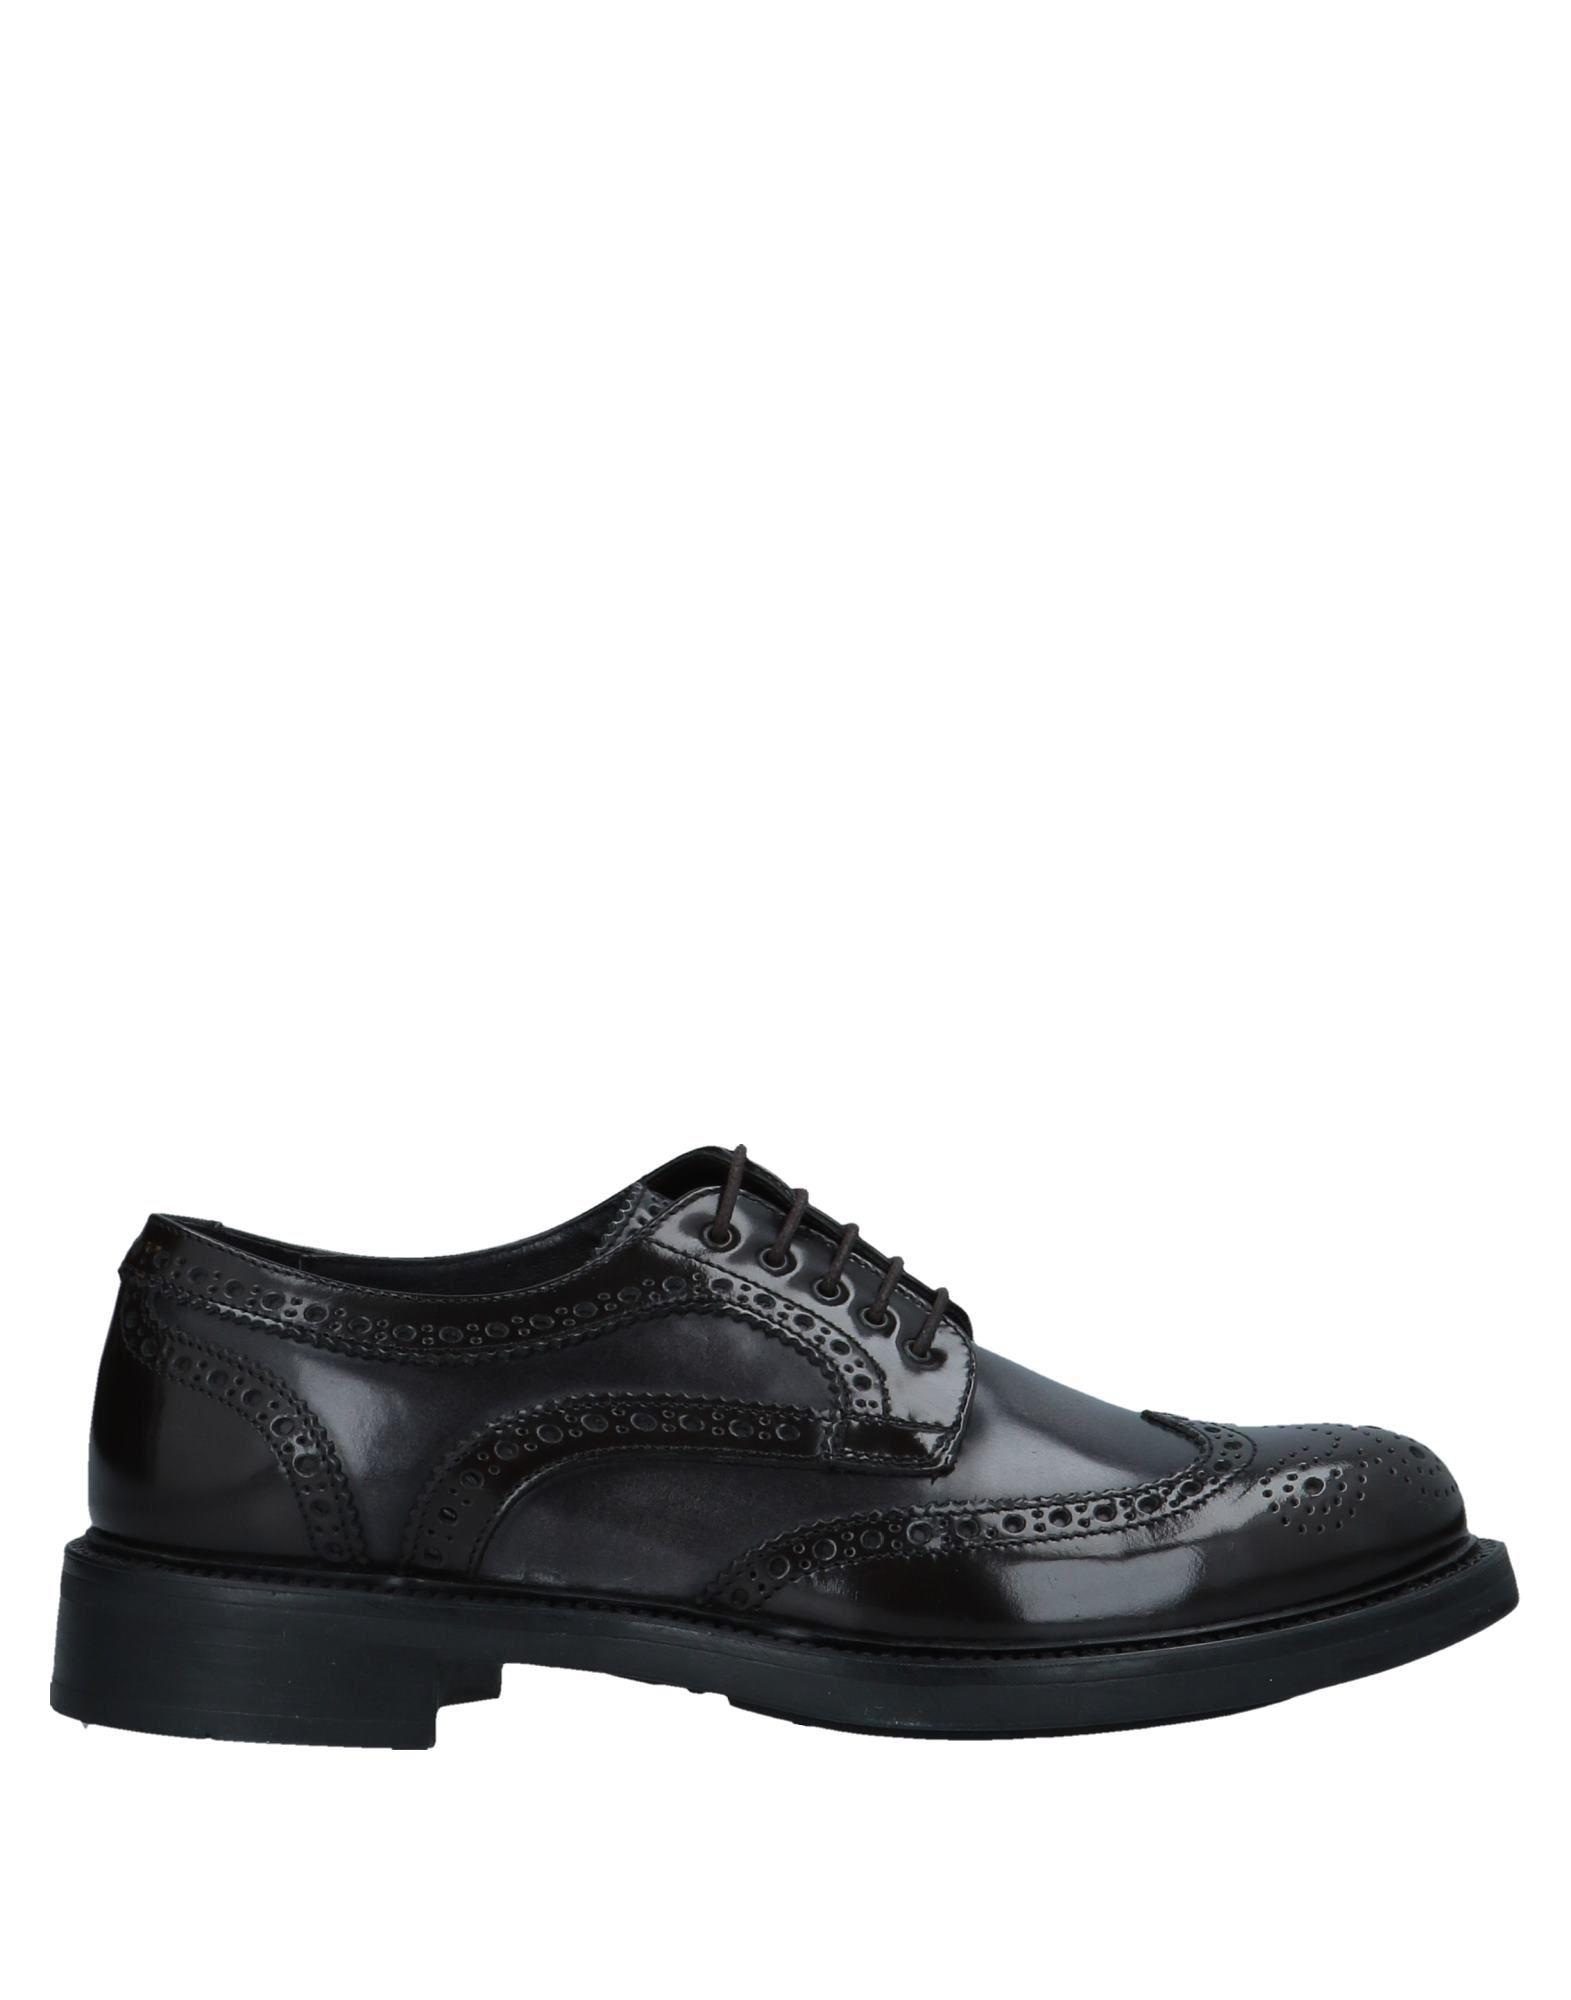 Zapatos de mujer baratos zapatos de De mujer  Zapato De de Cordones Florsheim Hombre - Zapatos De Cordones Florsheim d7240a